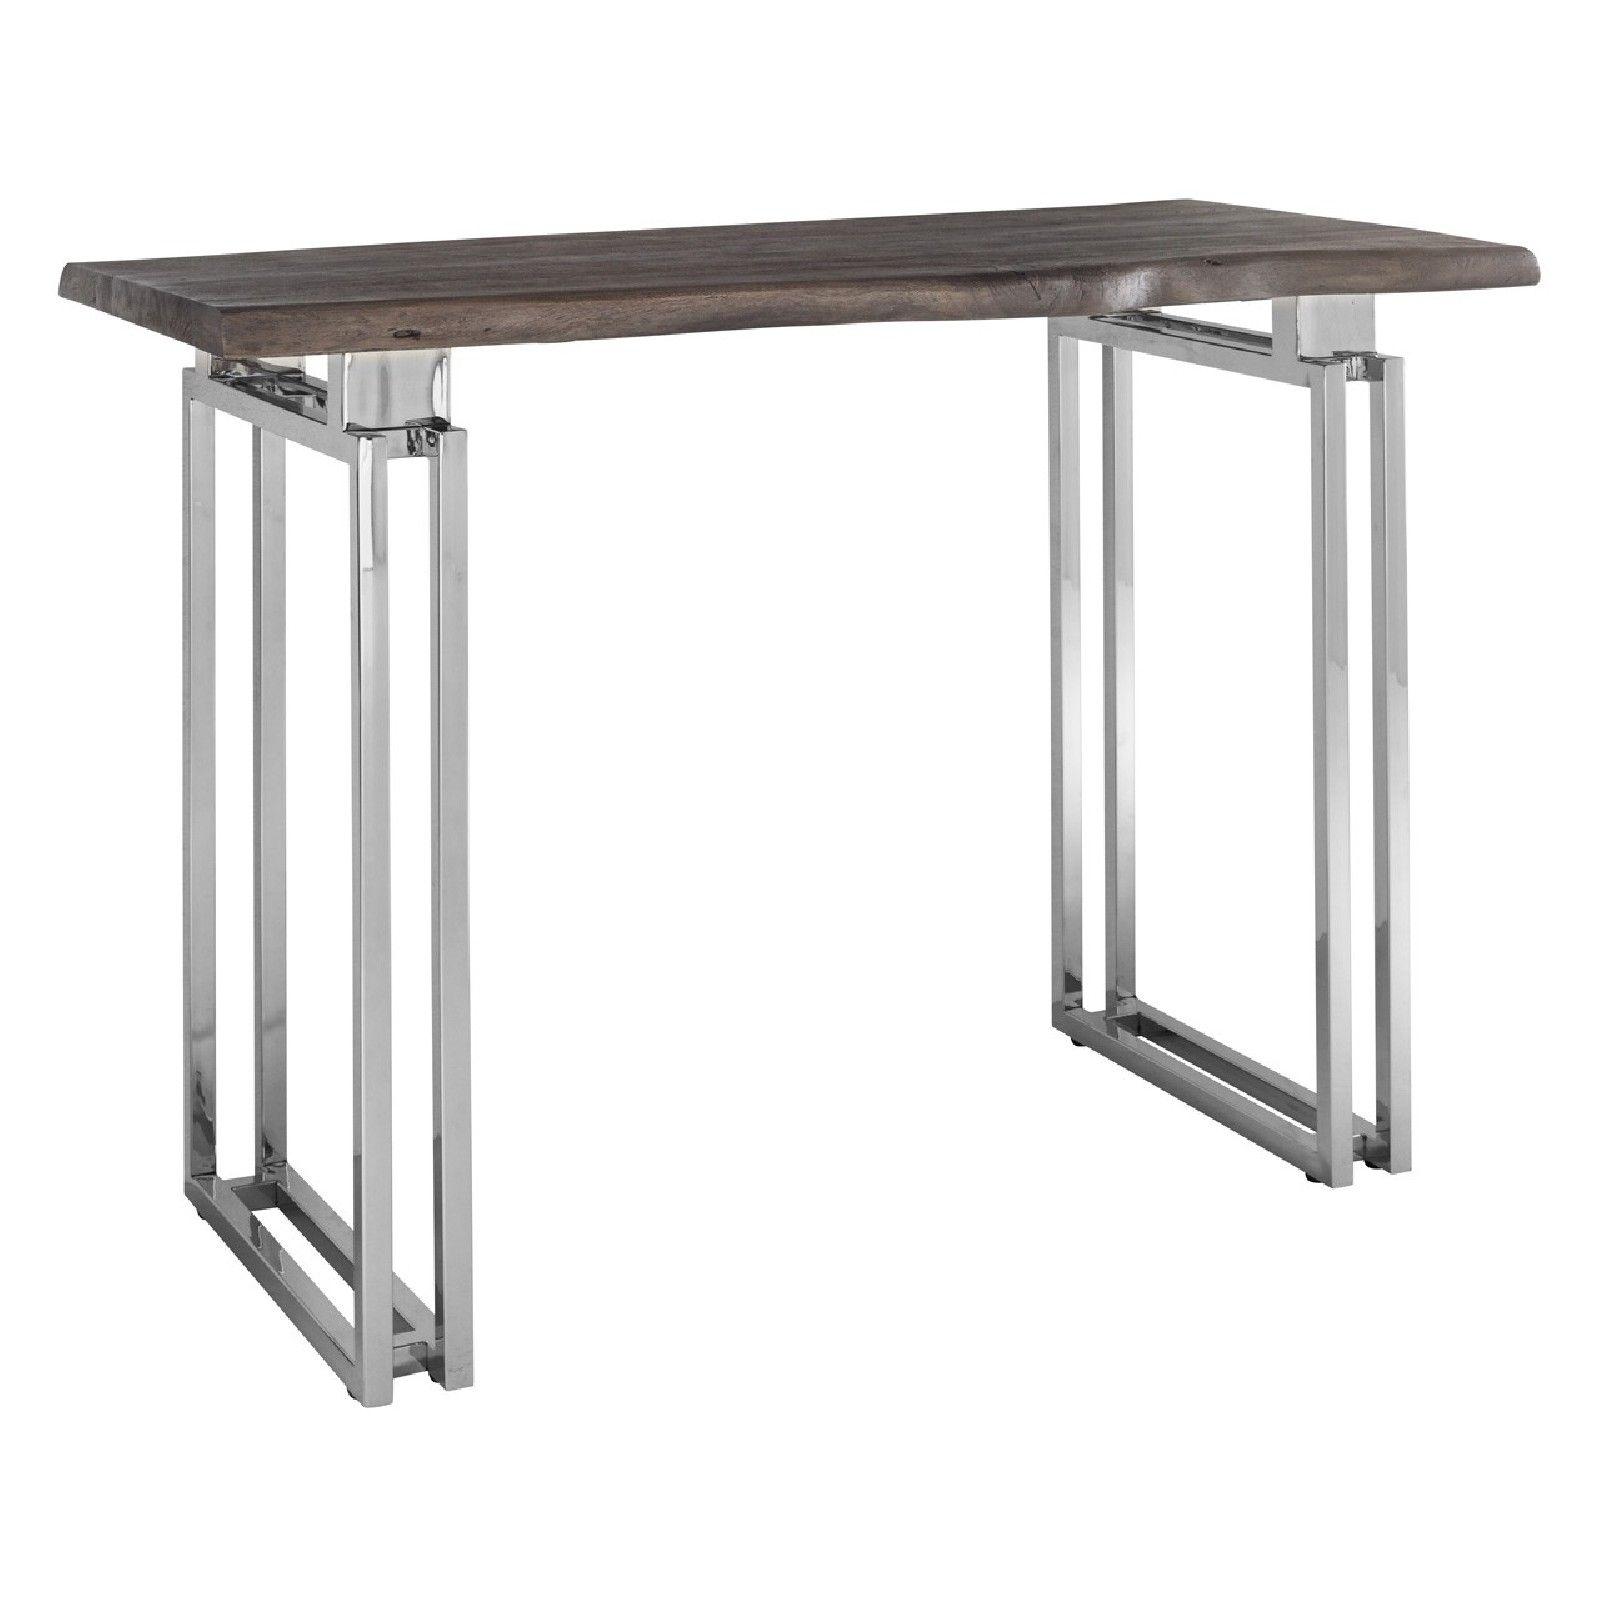 Table bistro TuxedoBord du plateau de table peut varier par article, produit naturel Meuble Déco Tendance - 16